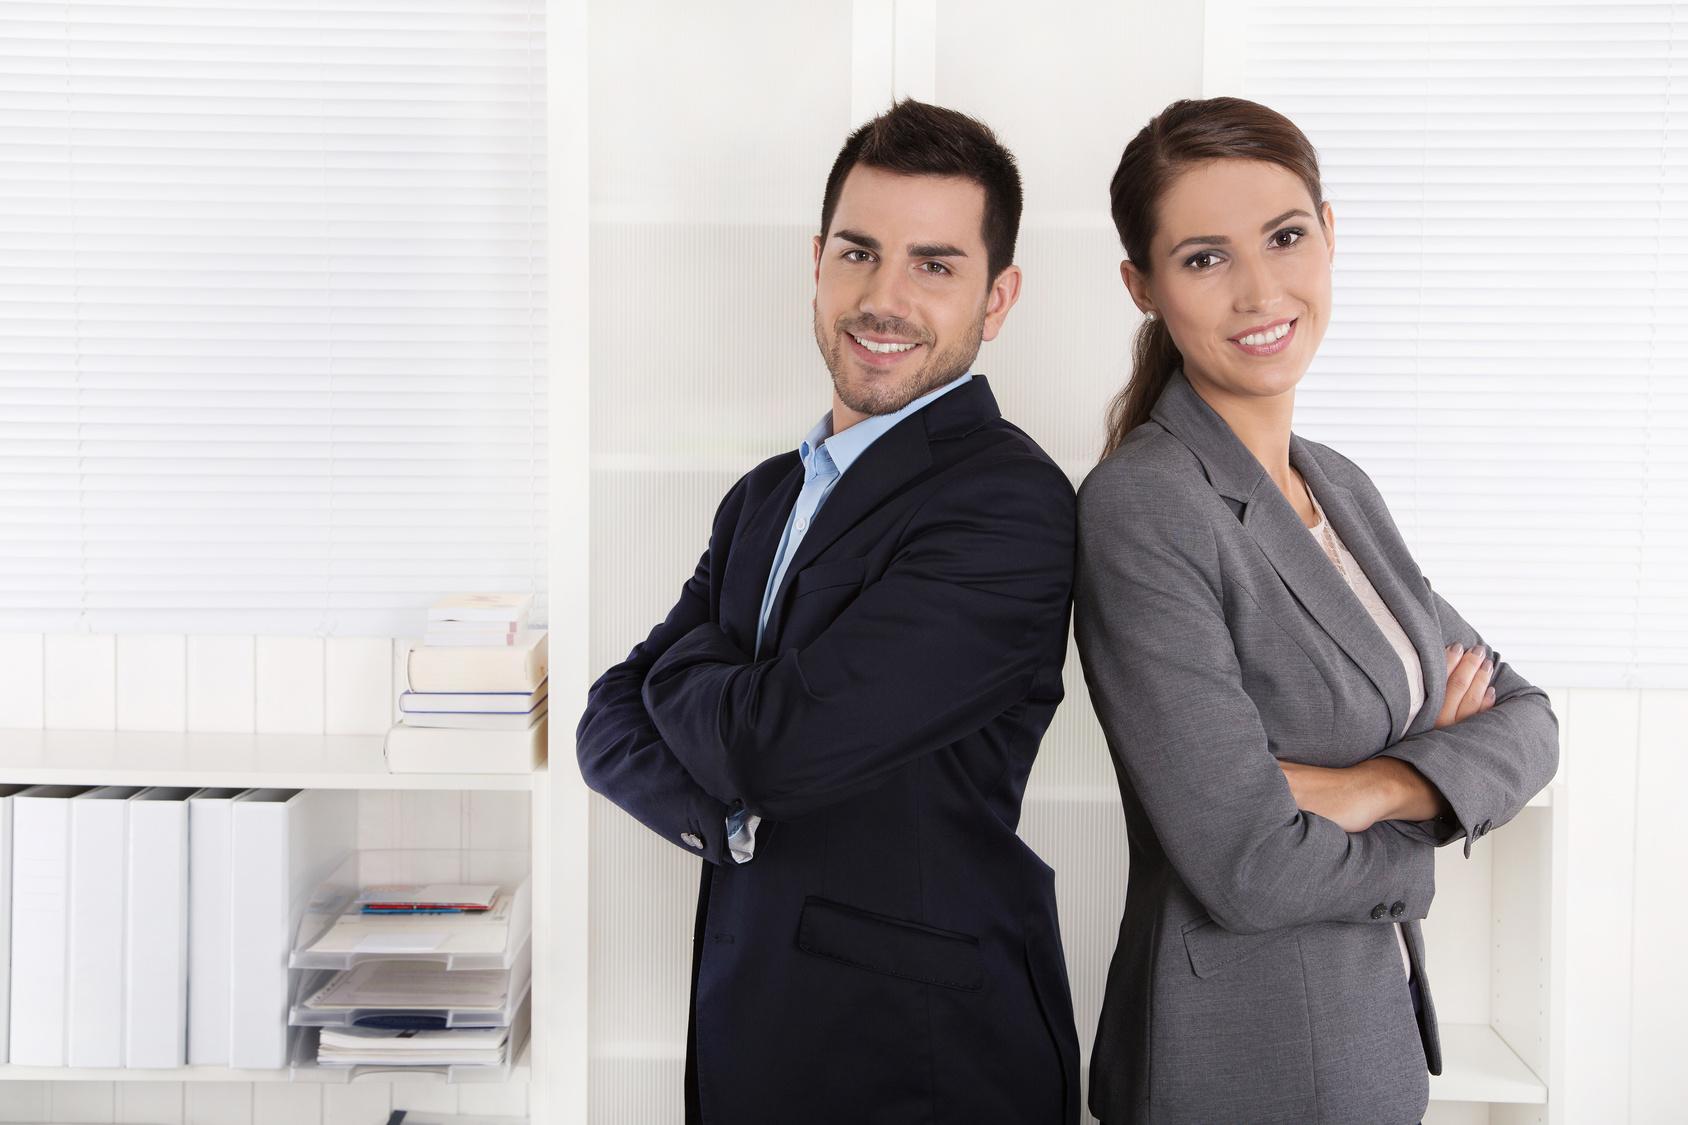 Zunahme der Zahl der Erwerbstätigkeit bei Frauen